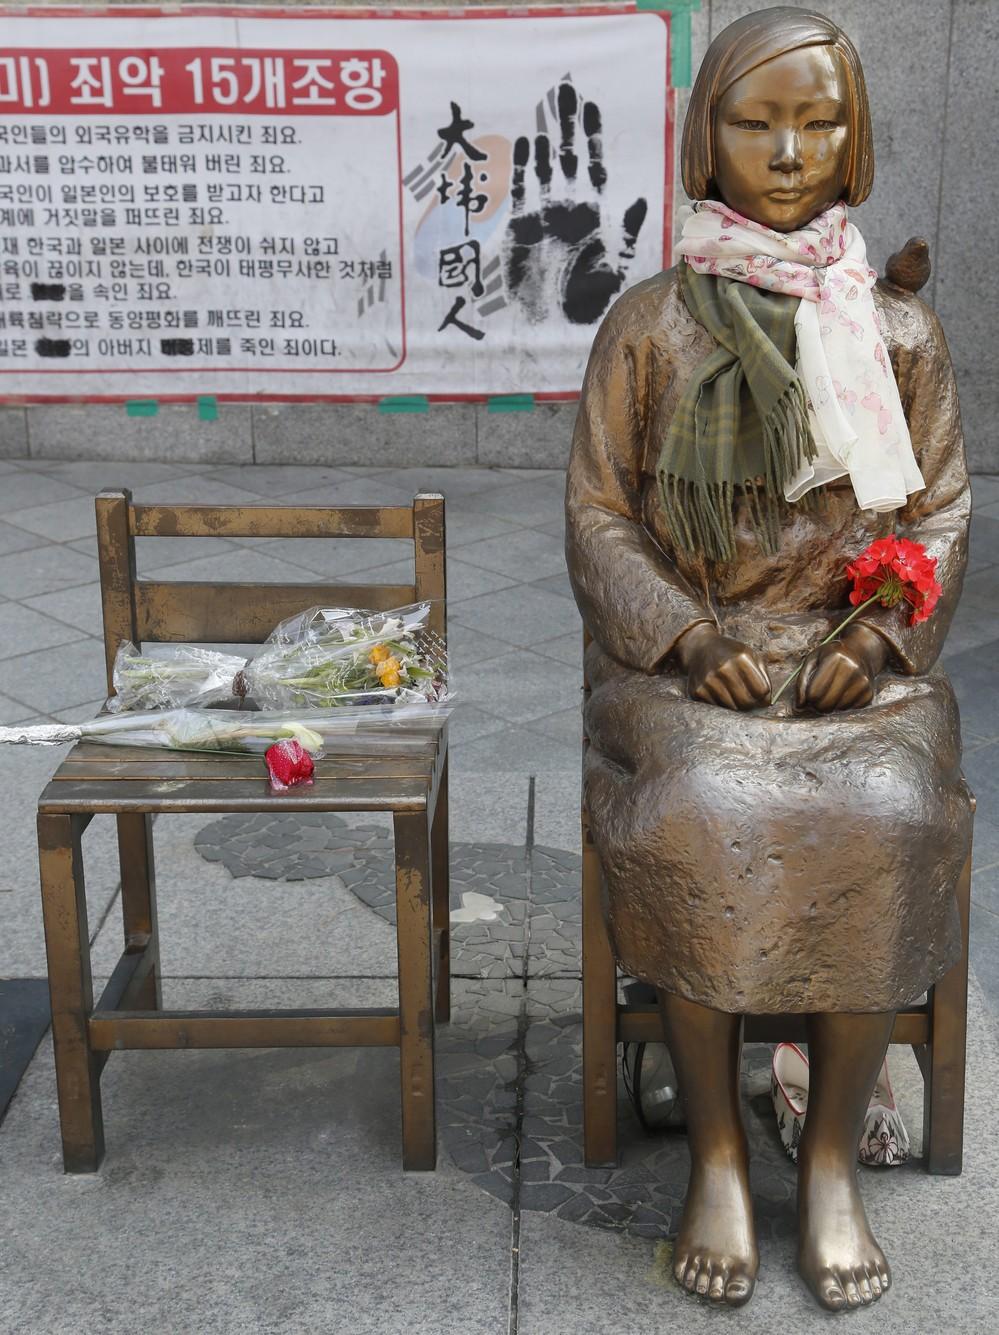 日韓関係、次の焦点は「慰安婦像の撤去」 韓国側は「民間がやった」と応じず